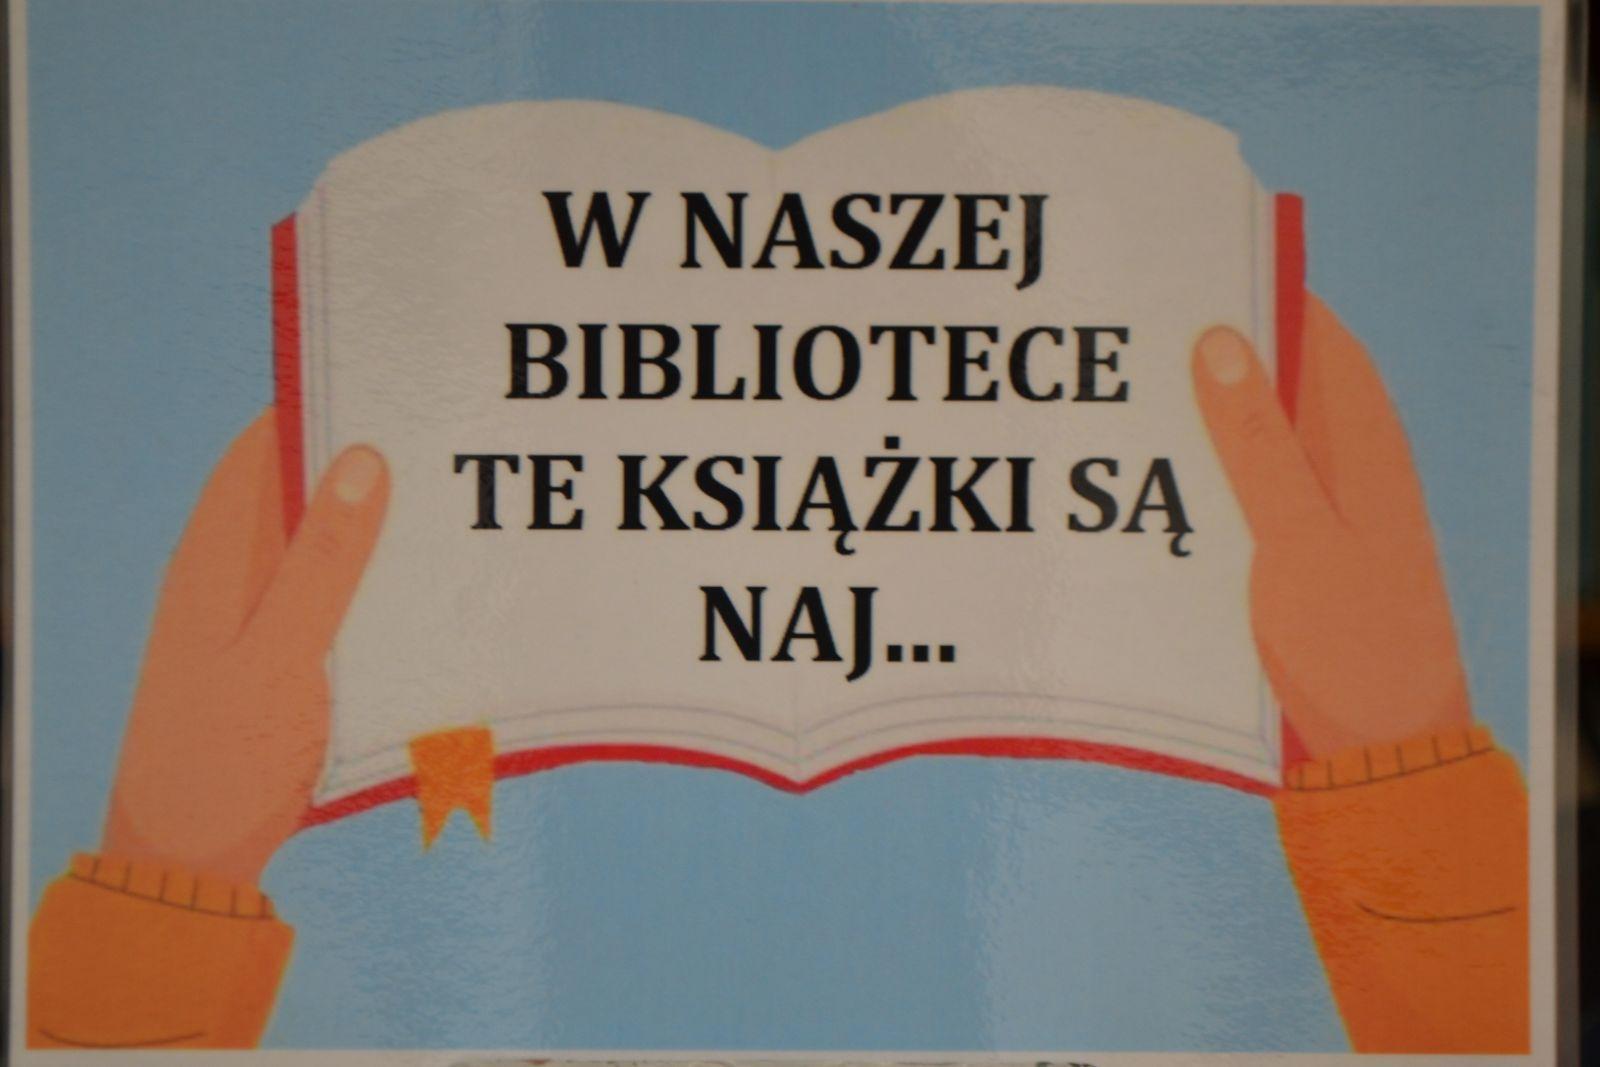 Ilustracja przedstawiająca rozłożoną w dłoniach książkę, w środku napis: W naszej bibliotece te książki są naj...